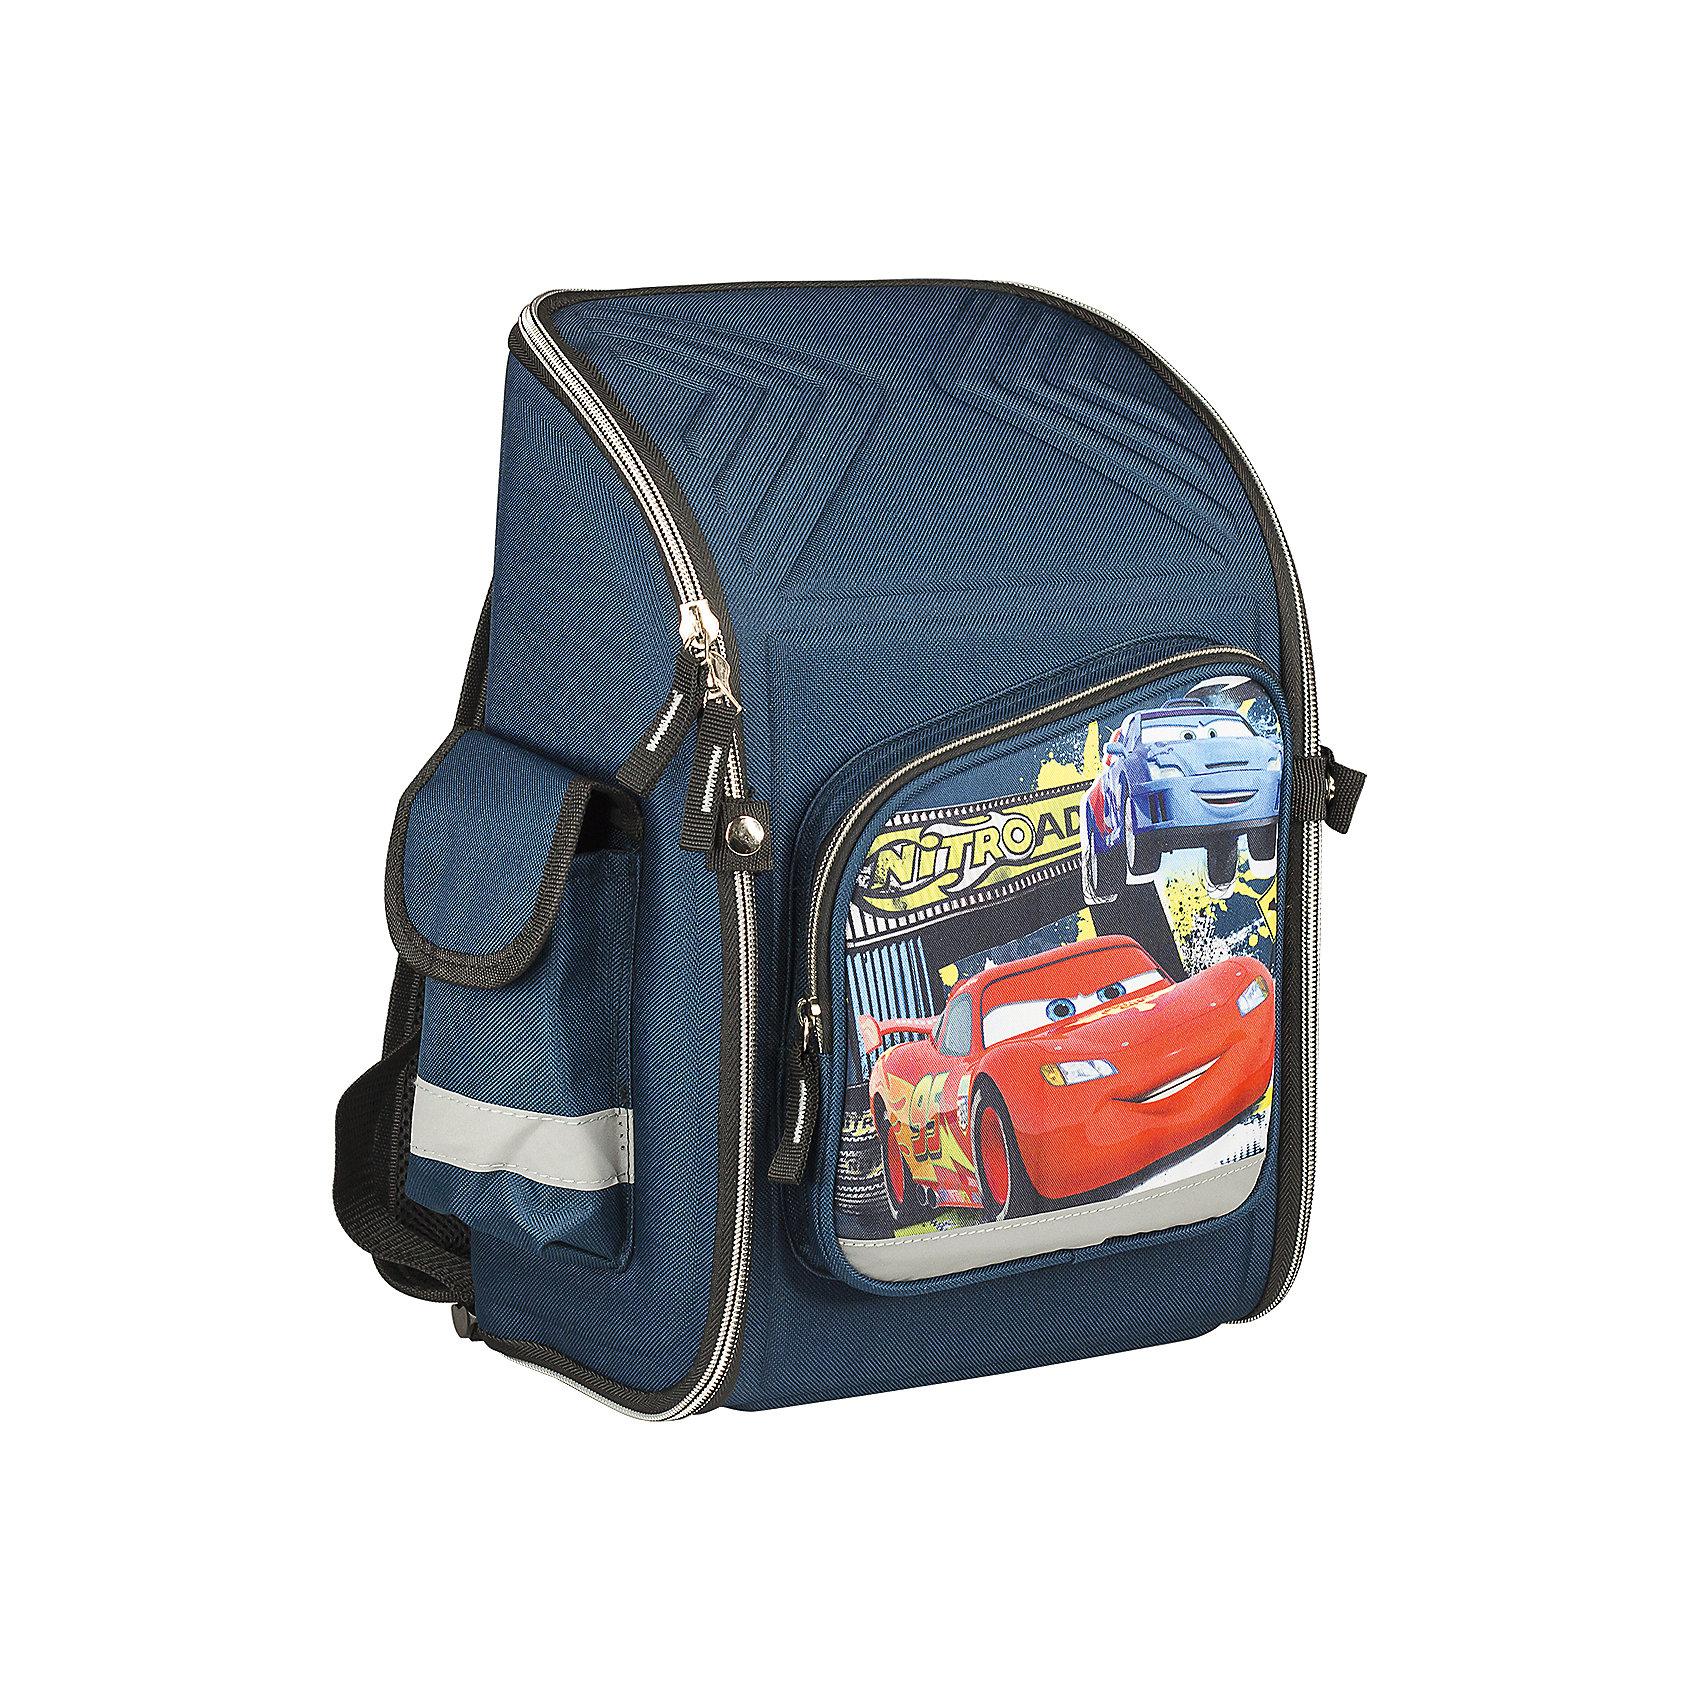 Школьный ранец-трансформер с EVA-спинкой, ТачкиТачки<br>Ранец-трансформер с EVA-спинкой, Тачки - идеальный вариант для школьных занятий. Ранец выполнен из прочного водонепроницаемого полиэстера темно-синей расцветки и имеет оригинальный спортивный дизайн в стиле популярного диснеевского мультфильма Cars. Благодаря плотной профилактической EVA-спинке позвоночник ребенка не будет испытывать больших нагрузок во время эксплуатации рюкзака. Широкие лямки с поролоном и воздухообменным сетчатым материалом регулируются по длине и равномерно распределяют нагрузку на плечевой пояс. Также есть удобная прорезиненная ручка, за которую можно нести ранец. Изделие имеет жёсткий каркас, при необходимости легко складывается для удобного хранения. <br><br>Ранец закрывается на застежку-молнию. Внутри основное отделение на молнии с двумя разделителями, которые фиксируются резинкой, чтобы избежать движения предметов. На лицевой стороне расположен большой накладной карман на молнии, а также два маленьких кармана по<br>бокам. Светоотражающие элементы обеспечивают безопасность в темное время суток.<br><br>Дополнительная информация:<br><br>- Материал: полиэстер, текстиль. <br>- Размер: 34,5 х 26 х 13 см.<br>- Вес: 0,65 кг.<br><br>Ранец-трансформер с EVA-спинкой, Тачки, можно купить в нашем интернет-магазине.<br><br>Ширина мм: 345<br>Глубина мм: 260<br>Высота мм: 130<br>Вес г: 650<br>Возраст от месяцев: 72<br>Возраст до месяцев: 84<br>Пол: Мужской<br>Возраст: Детский<br>SKU: 4489528